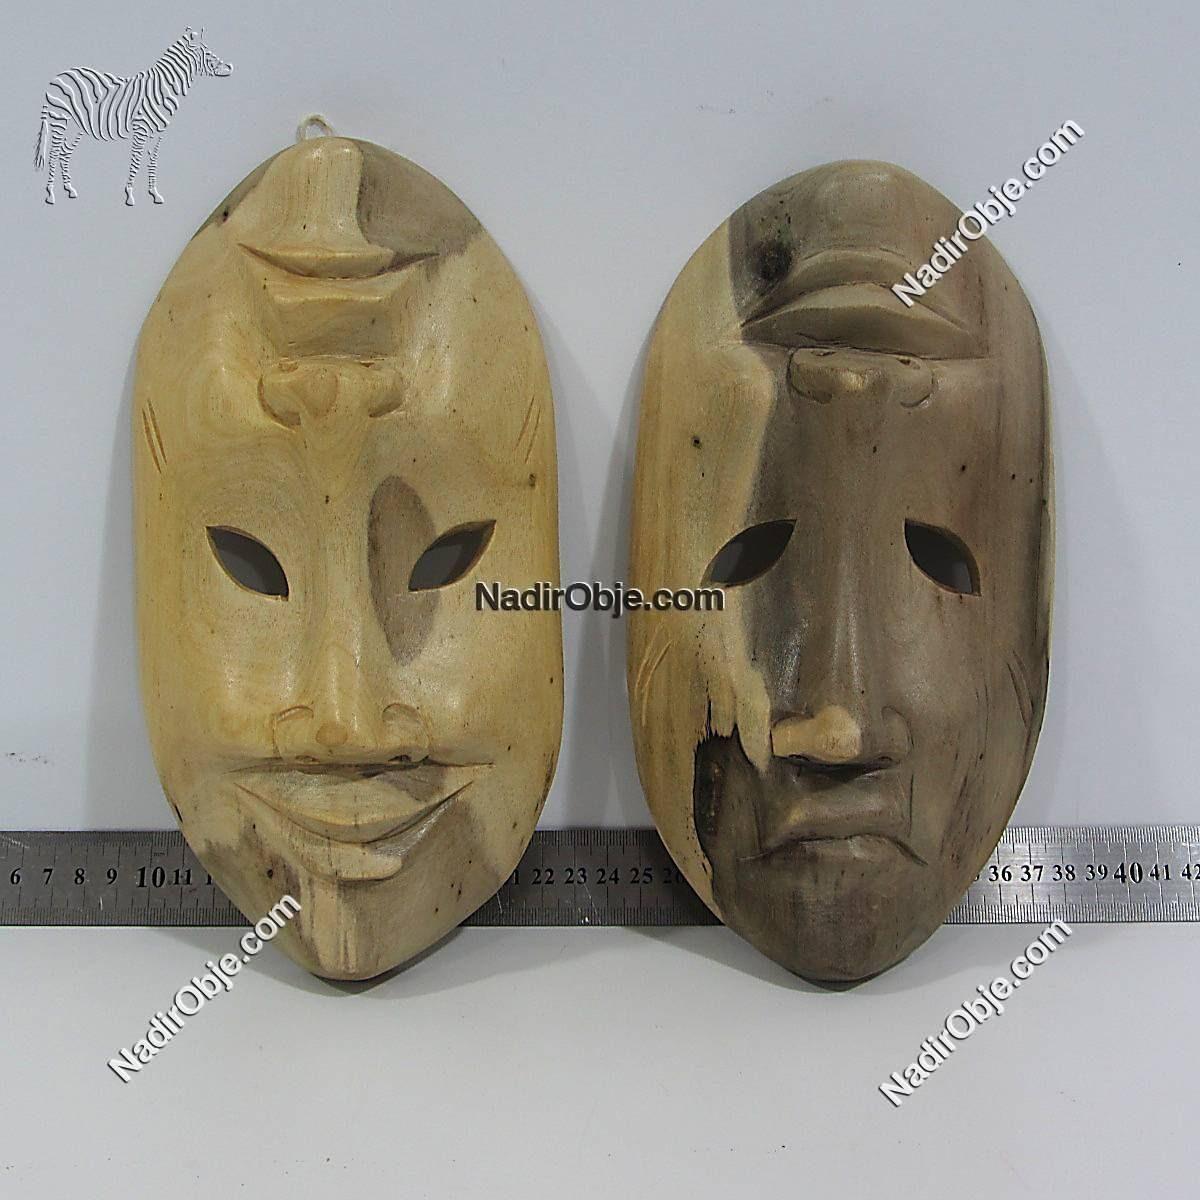 2 Adet Maske Ahşap Objeler Ahşap